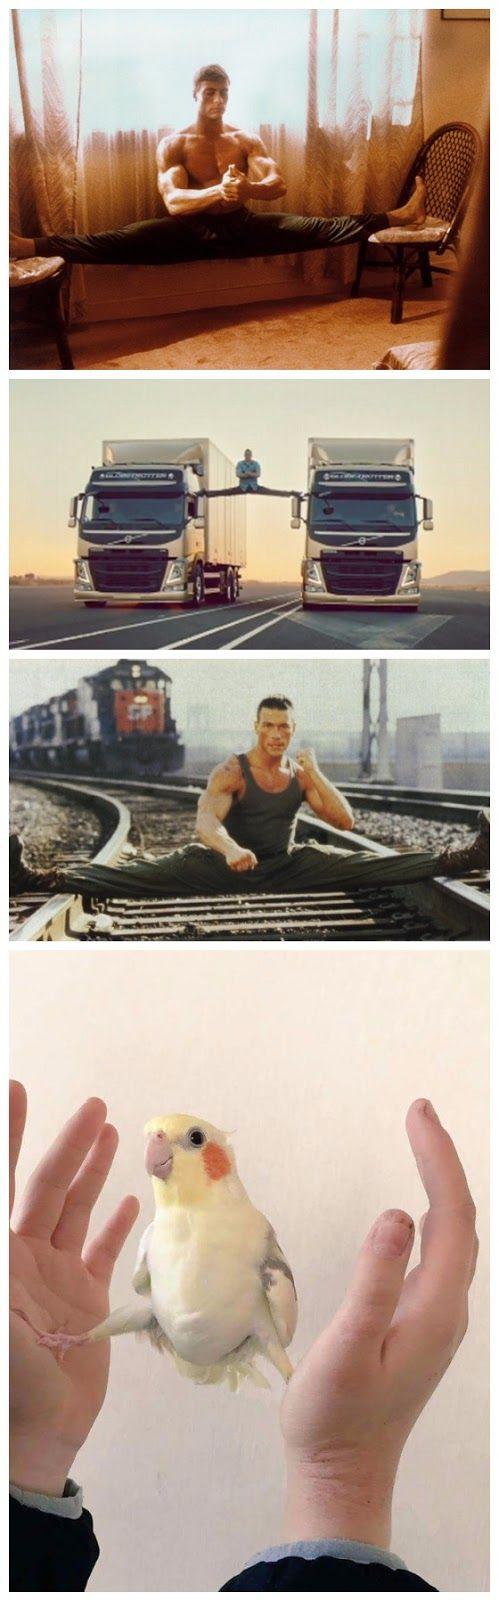 Funny Jean-Claude Van Damme Fan